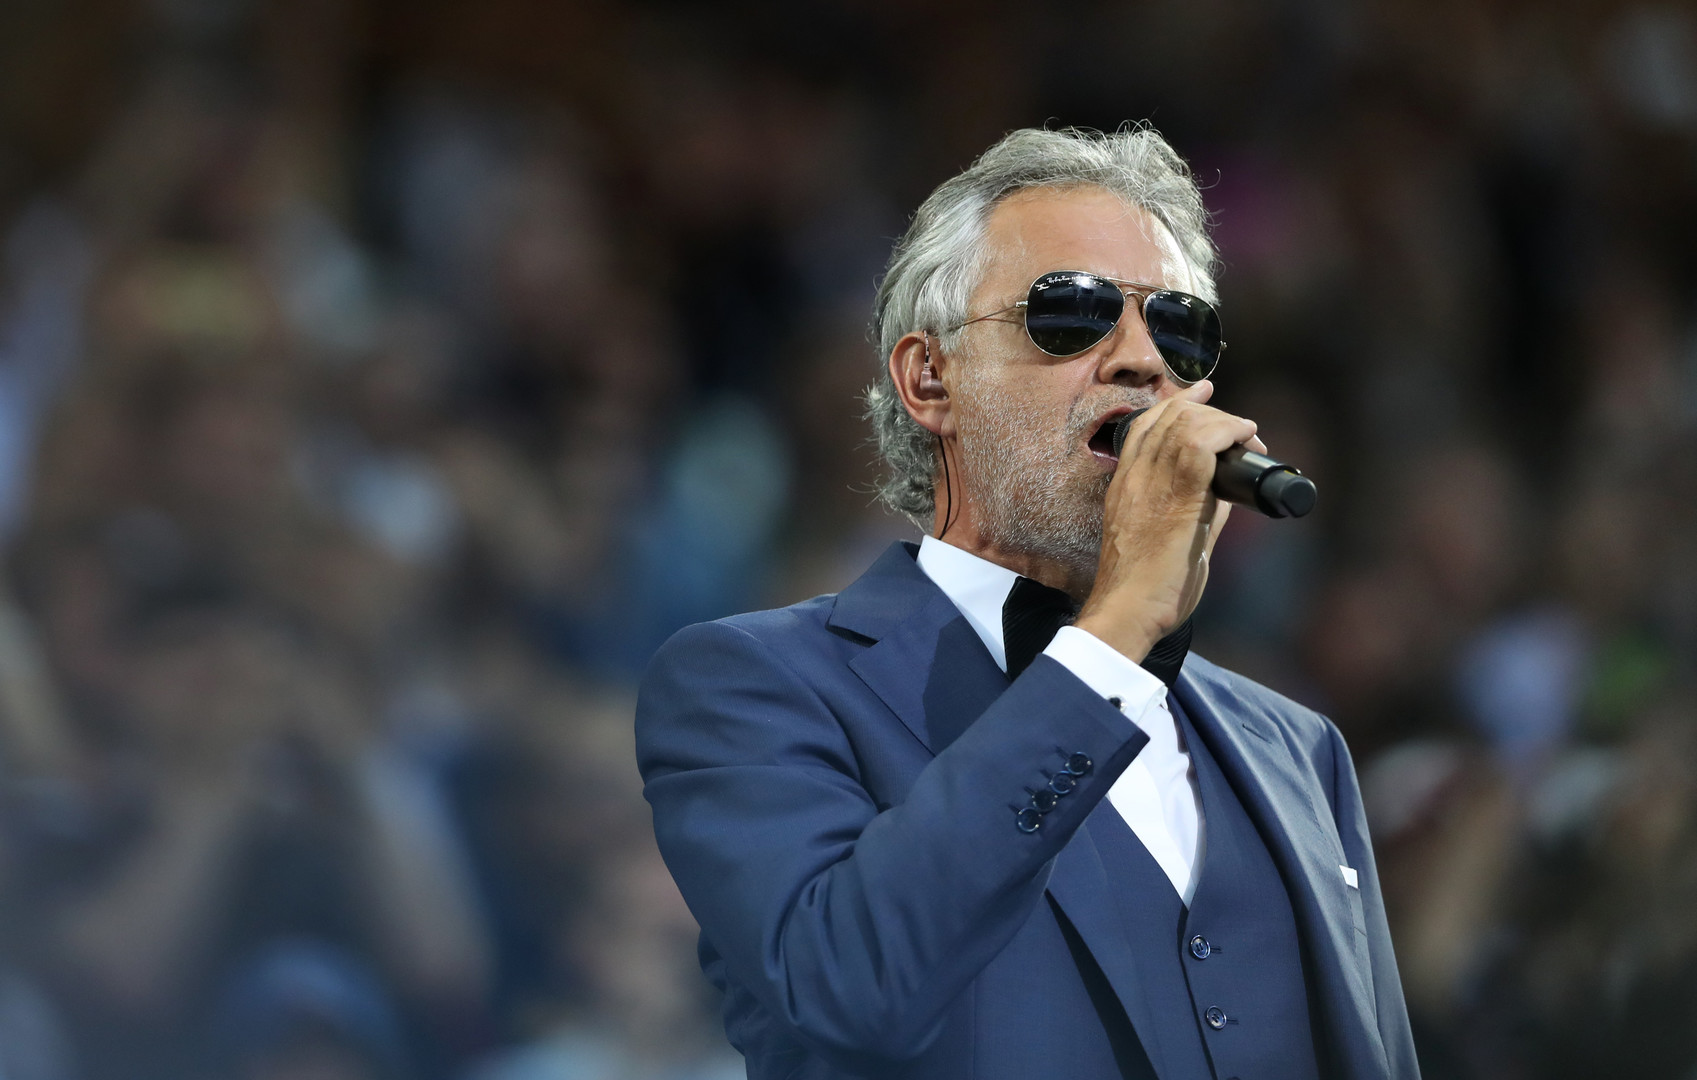 Donald Trump ist ein Fan des Sängers Andrea Bocelli. Laut Page Six habe der Italiener die Einladung zur Feier abgelehnt. Dem Chef des Inaugurationskomitees zufolge habe Trump die Einladung des Musikers selbst verhindert.